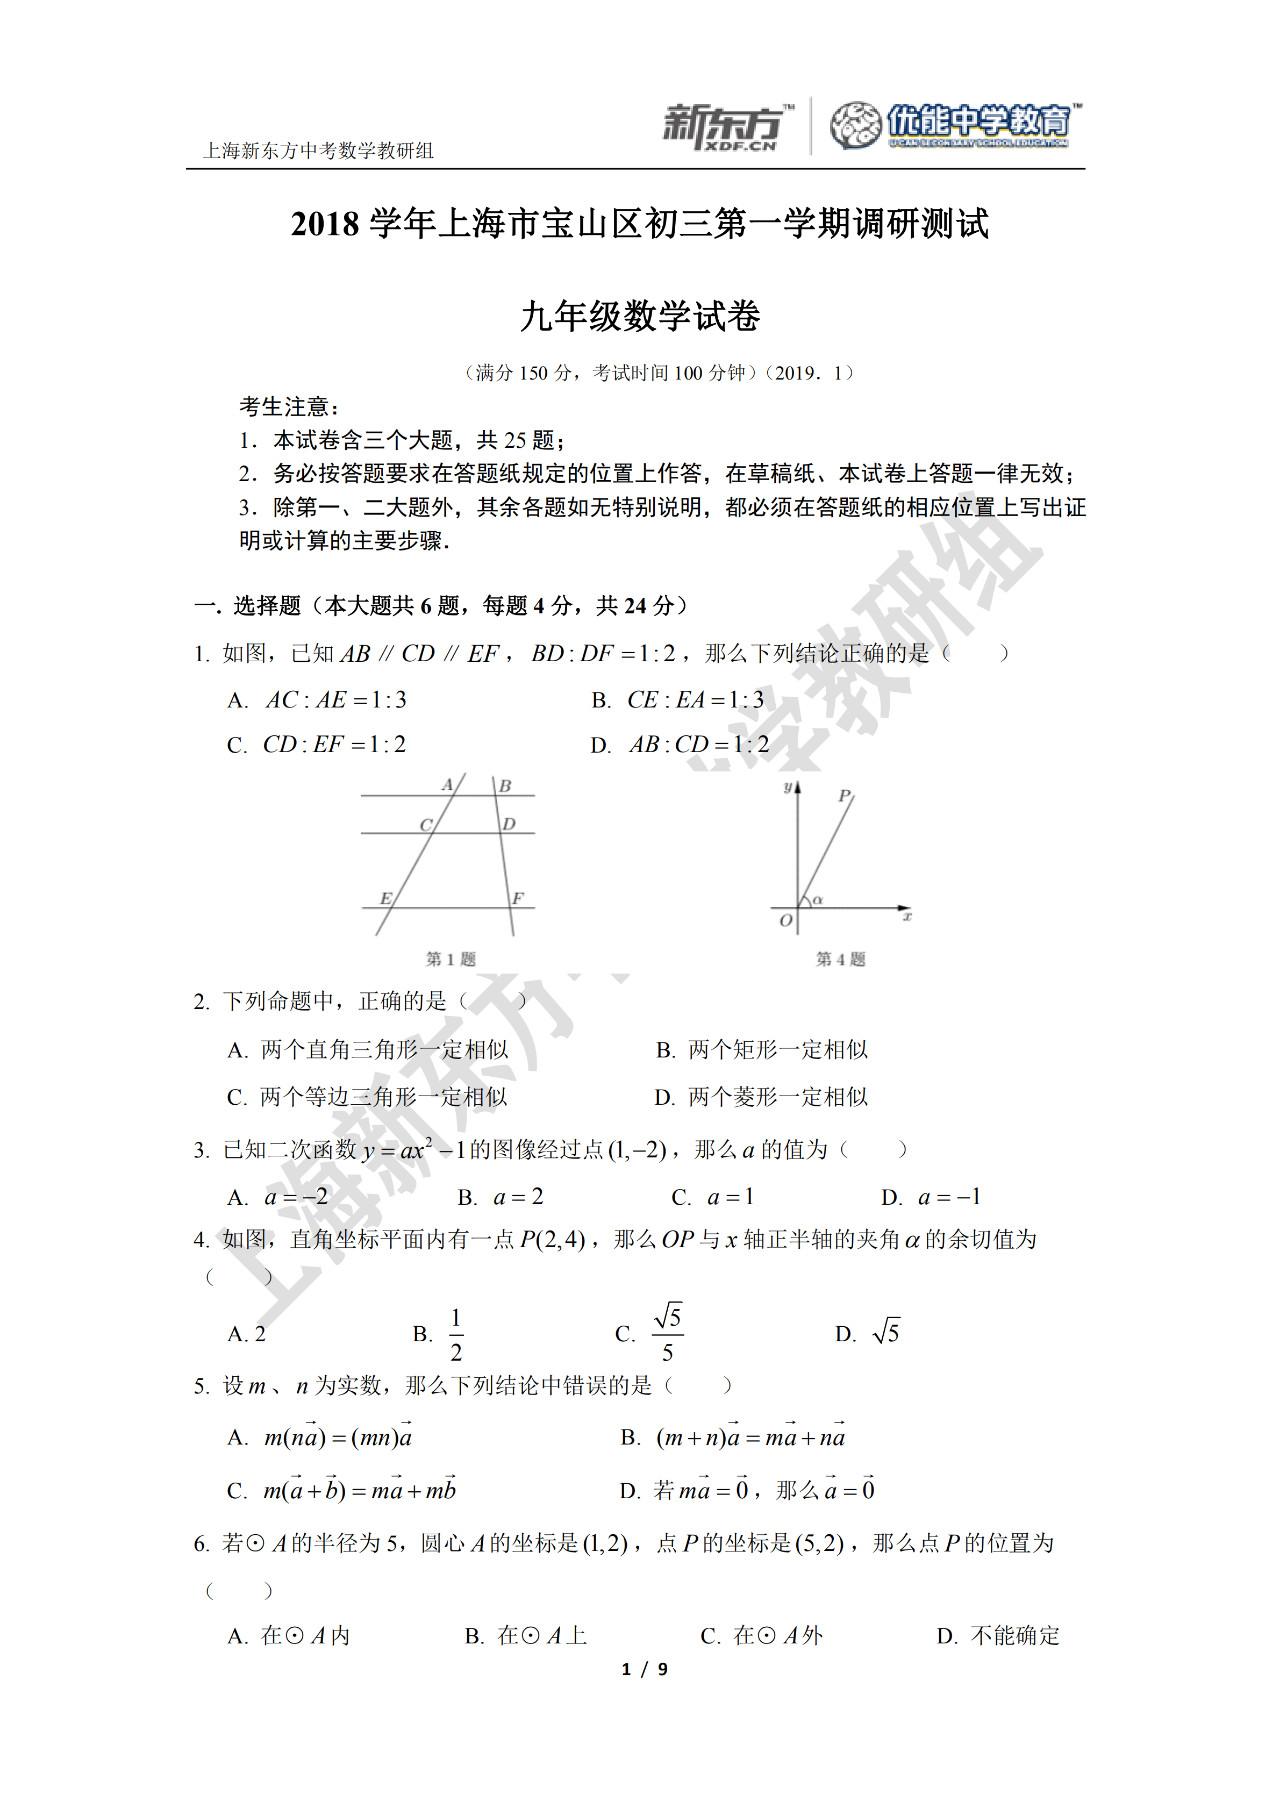 2019上海宝山中考一模数学试题及答案(上海新